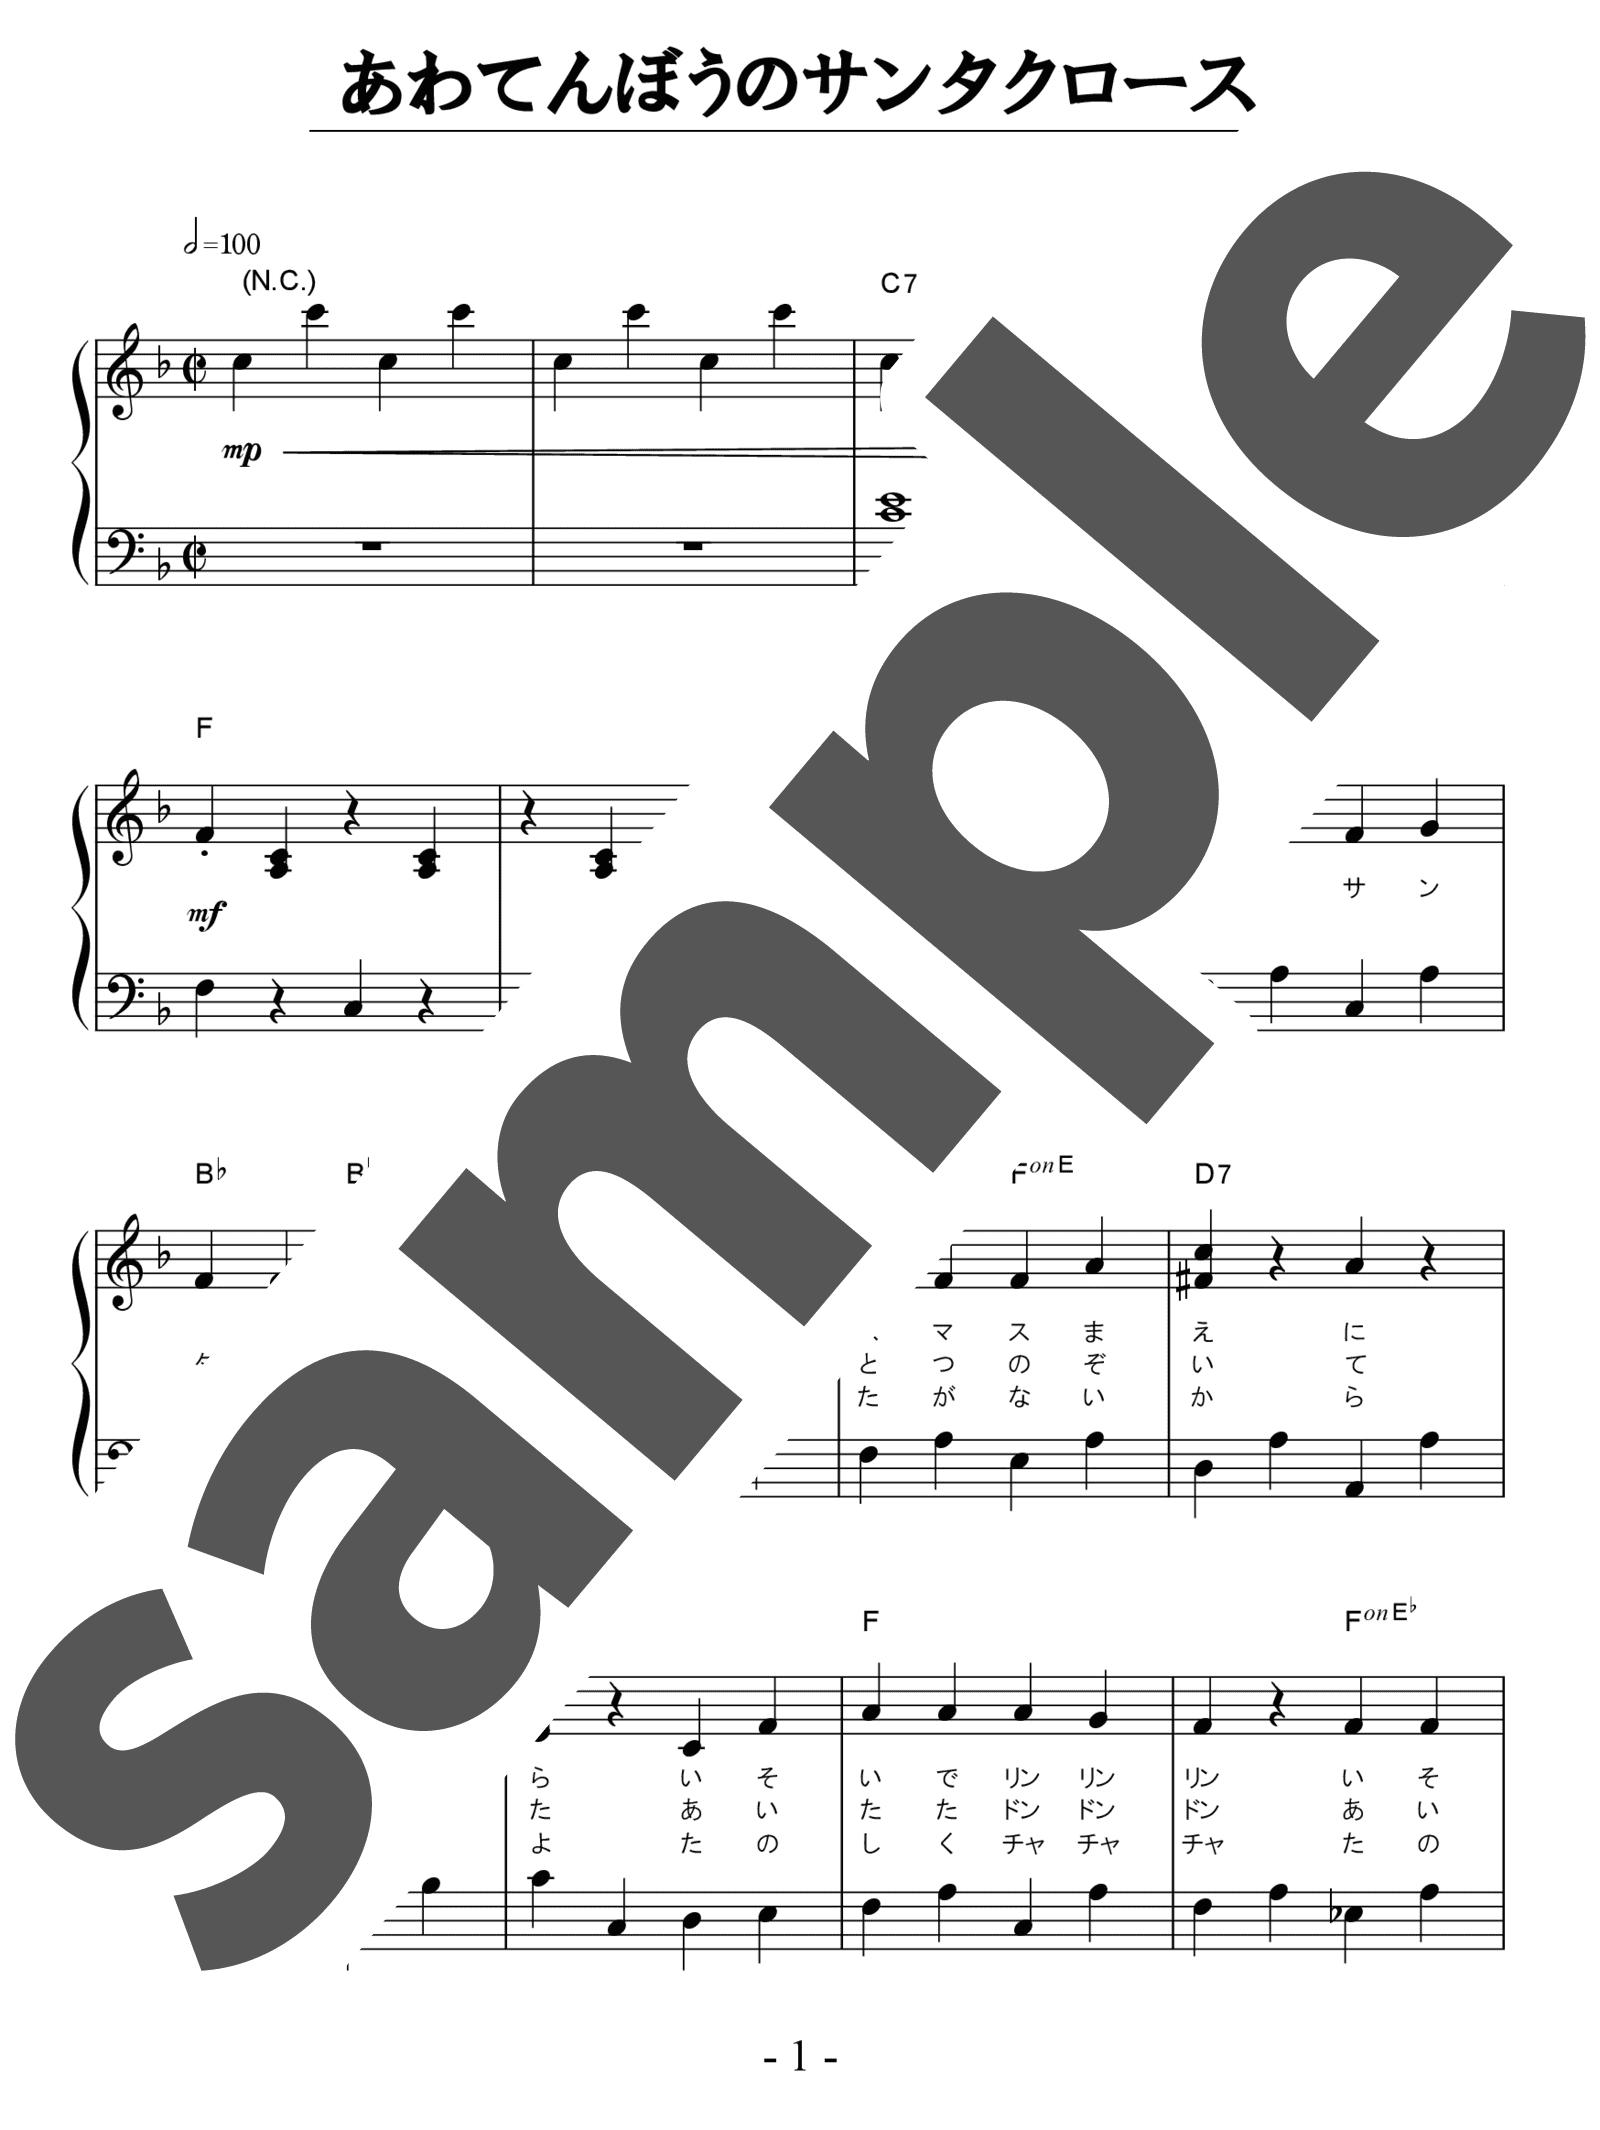 「あわてんぼうのサンタクロース」のサンプル楽譜